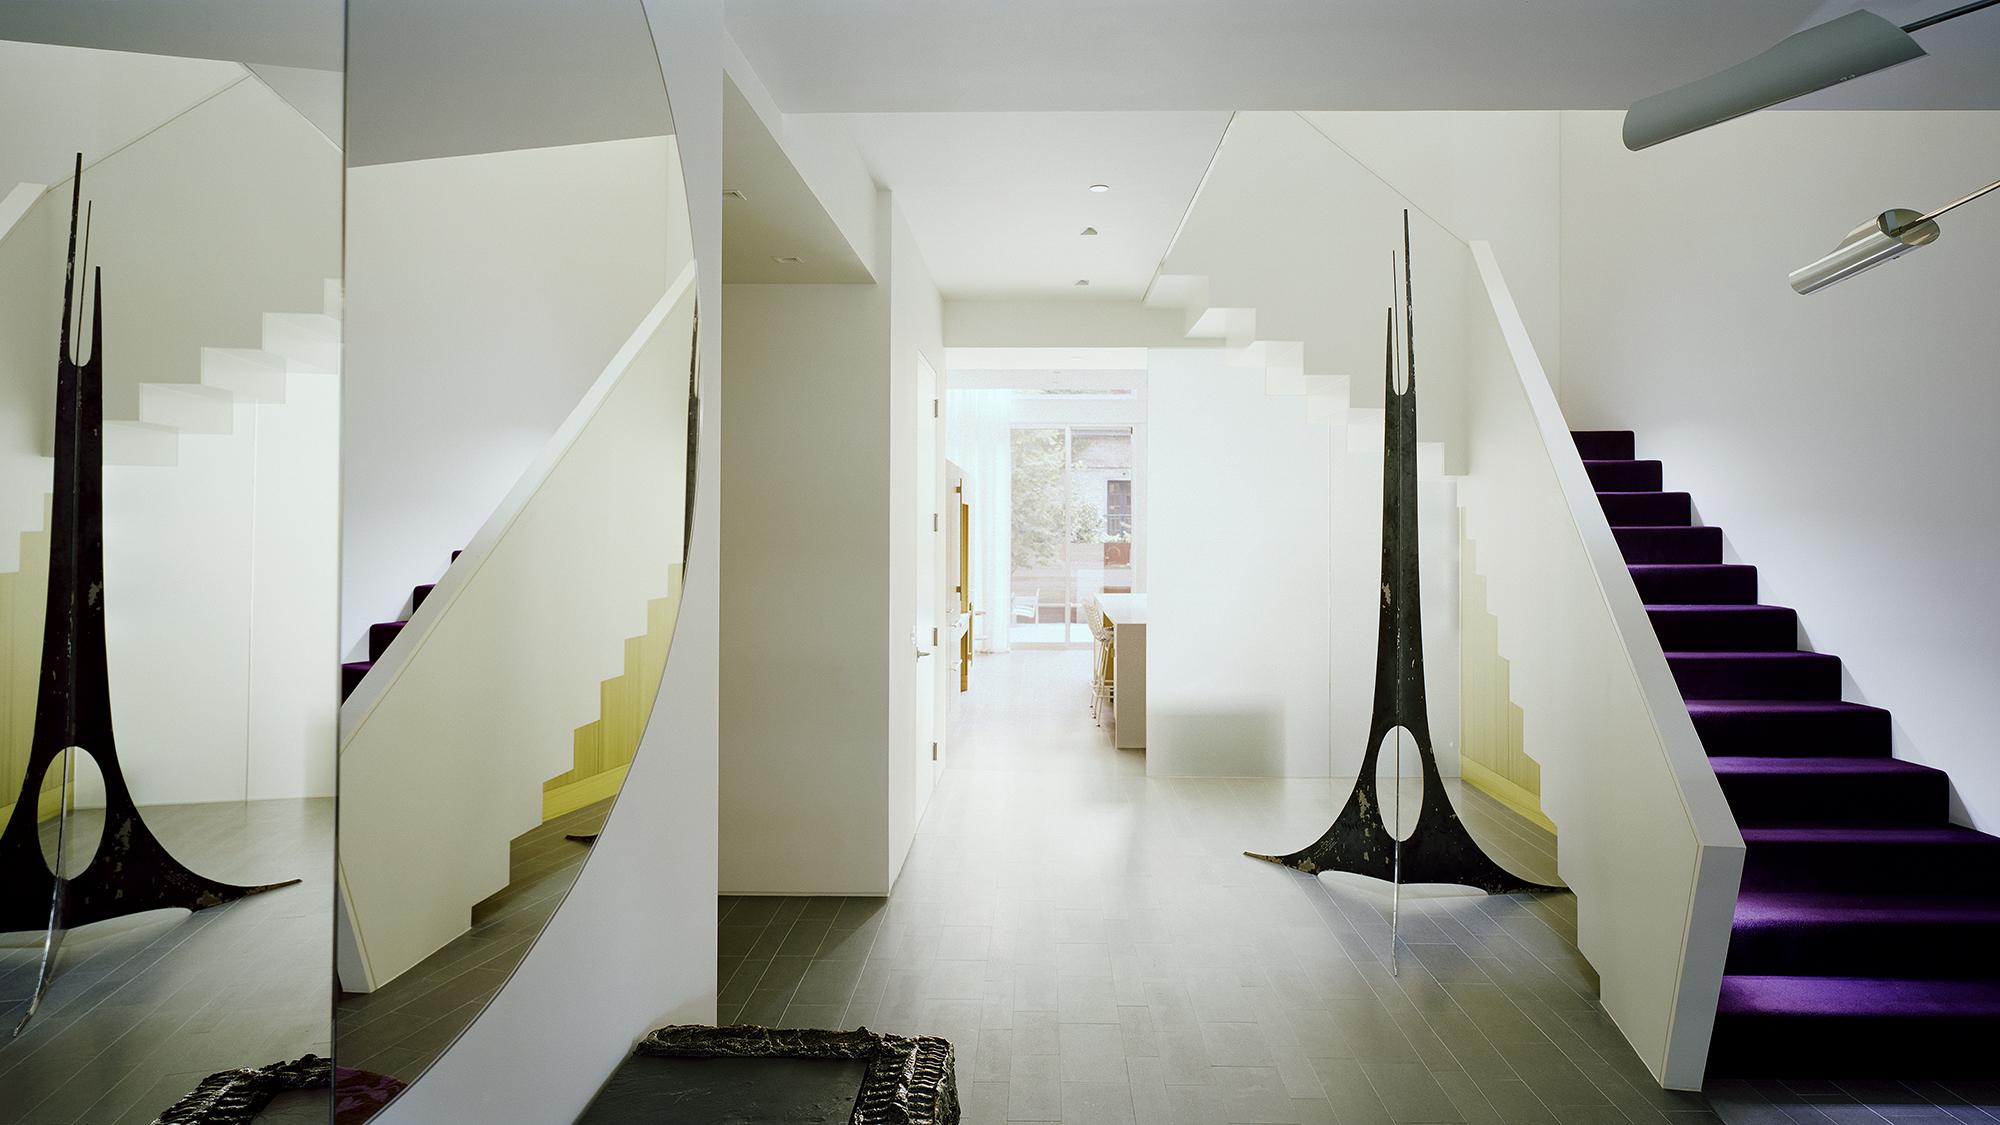 Billenkoff Architecture